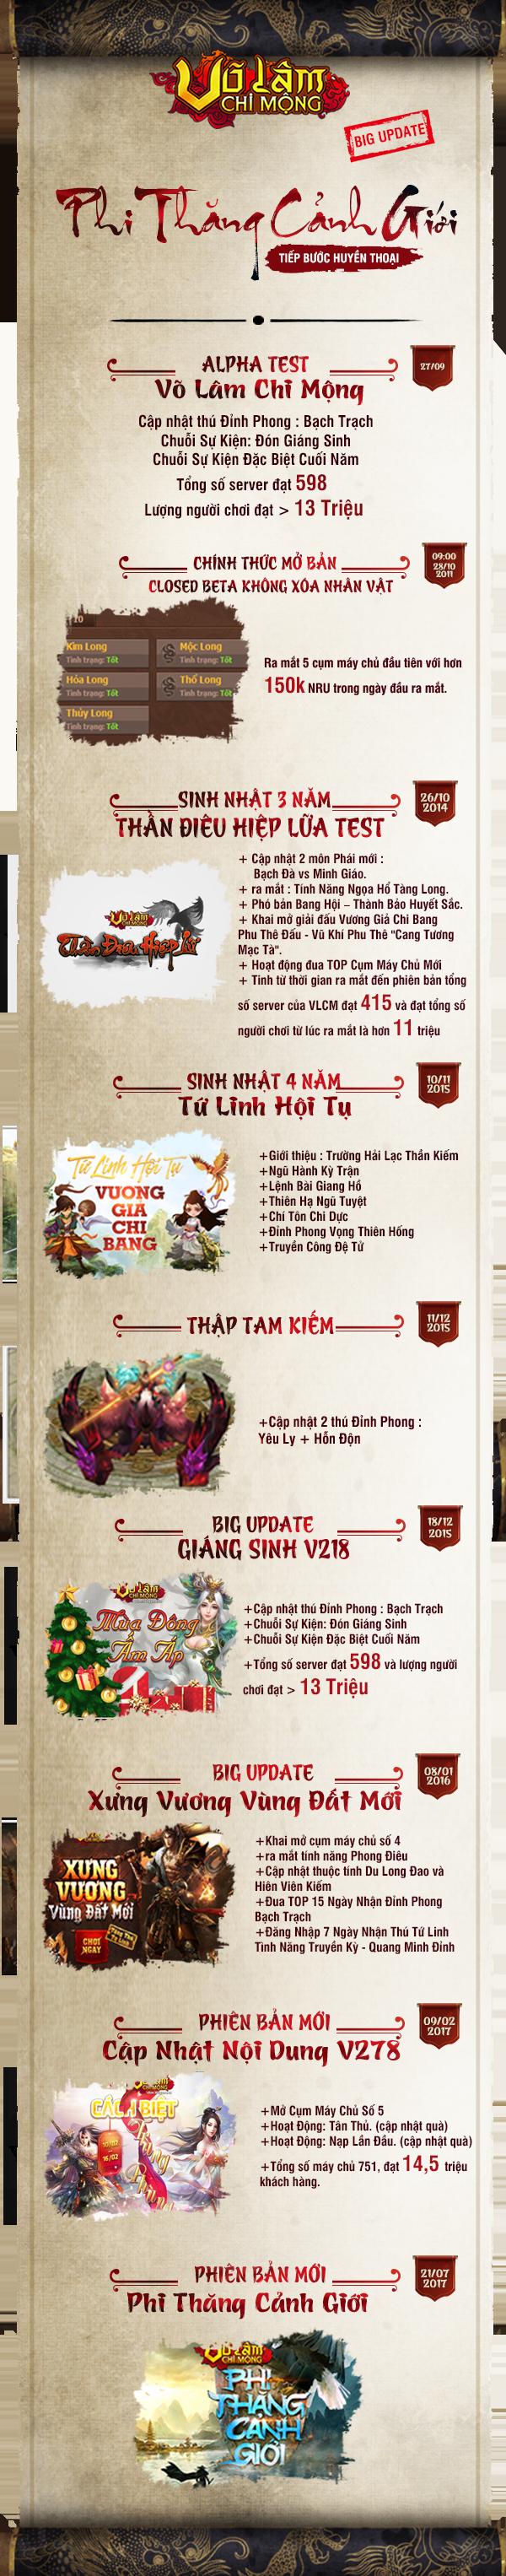 [Infographic]Mừng sinh nhật 6 tuổi - Võ Lâm Chi Mộng trở thành một trong những webgame lão làng của Việt Nam